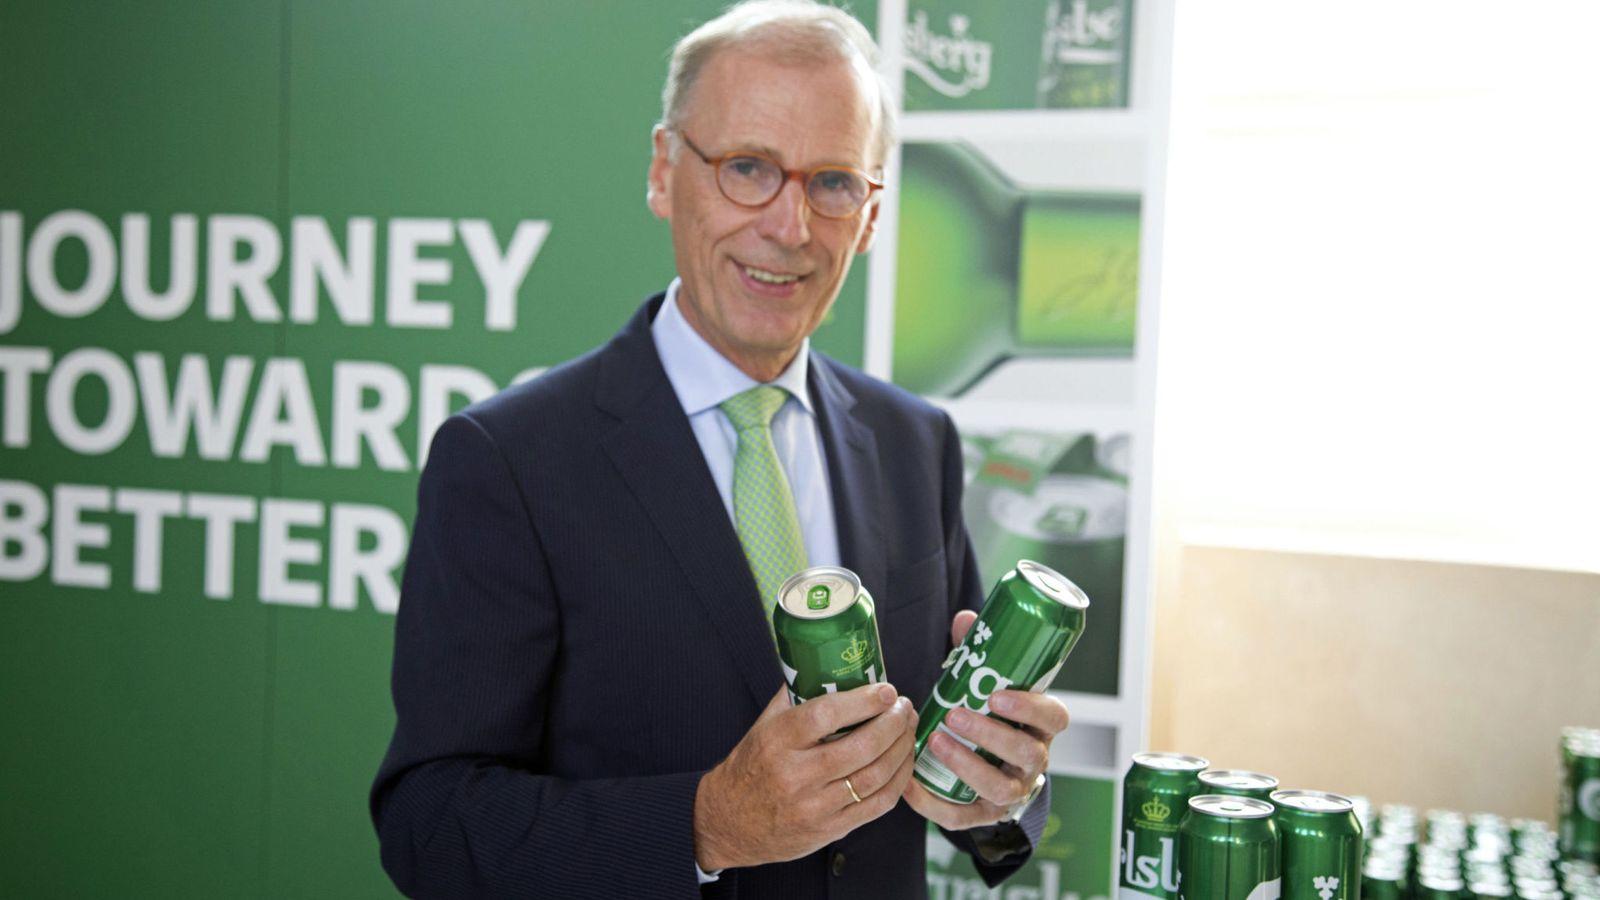 Ông chủ Carlsberg Cees 't Hart cho rằng dùng keo tái sinh thay vì nhựa để gắn kết các lon bia với nhau là một khoản đầu tư vào môi trường, theo SkyNews. Ảnh: TL